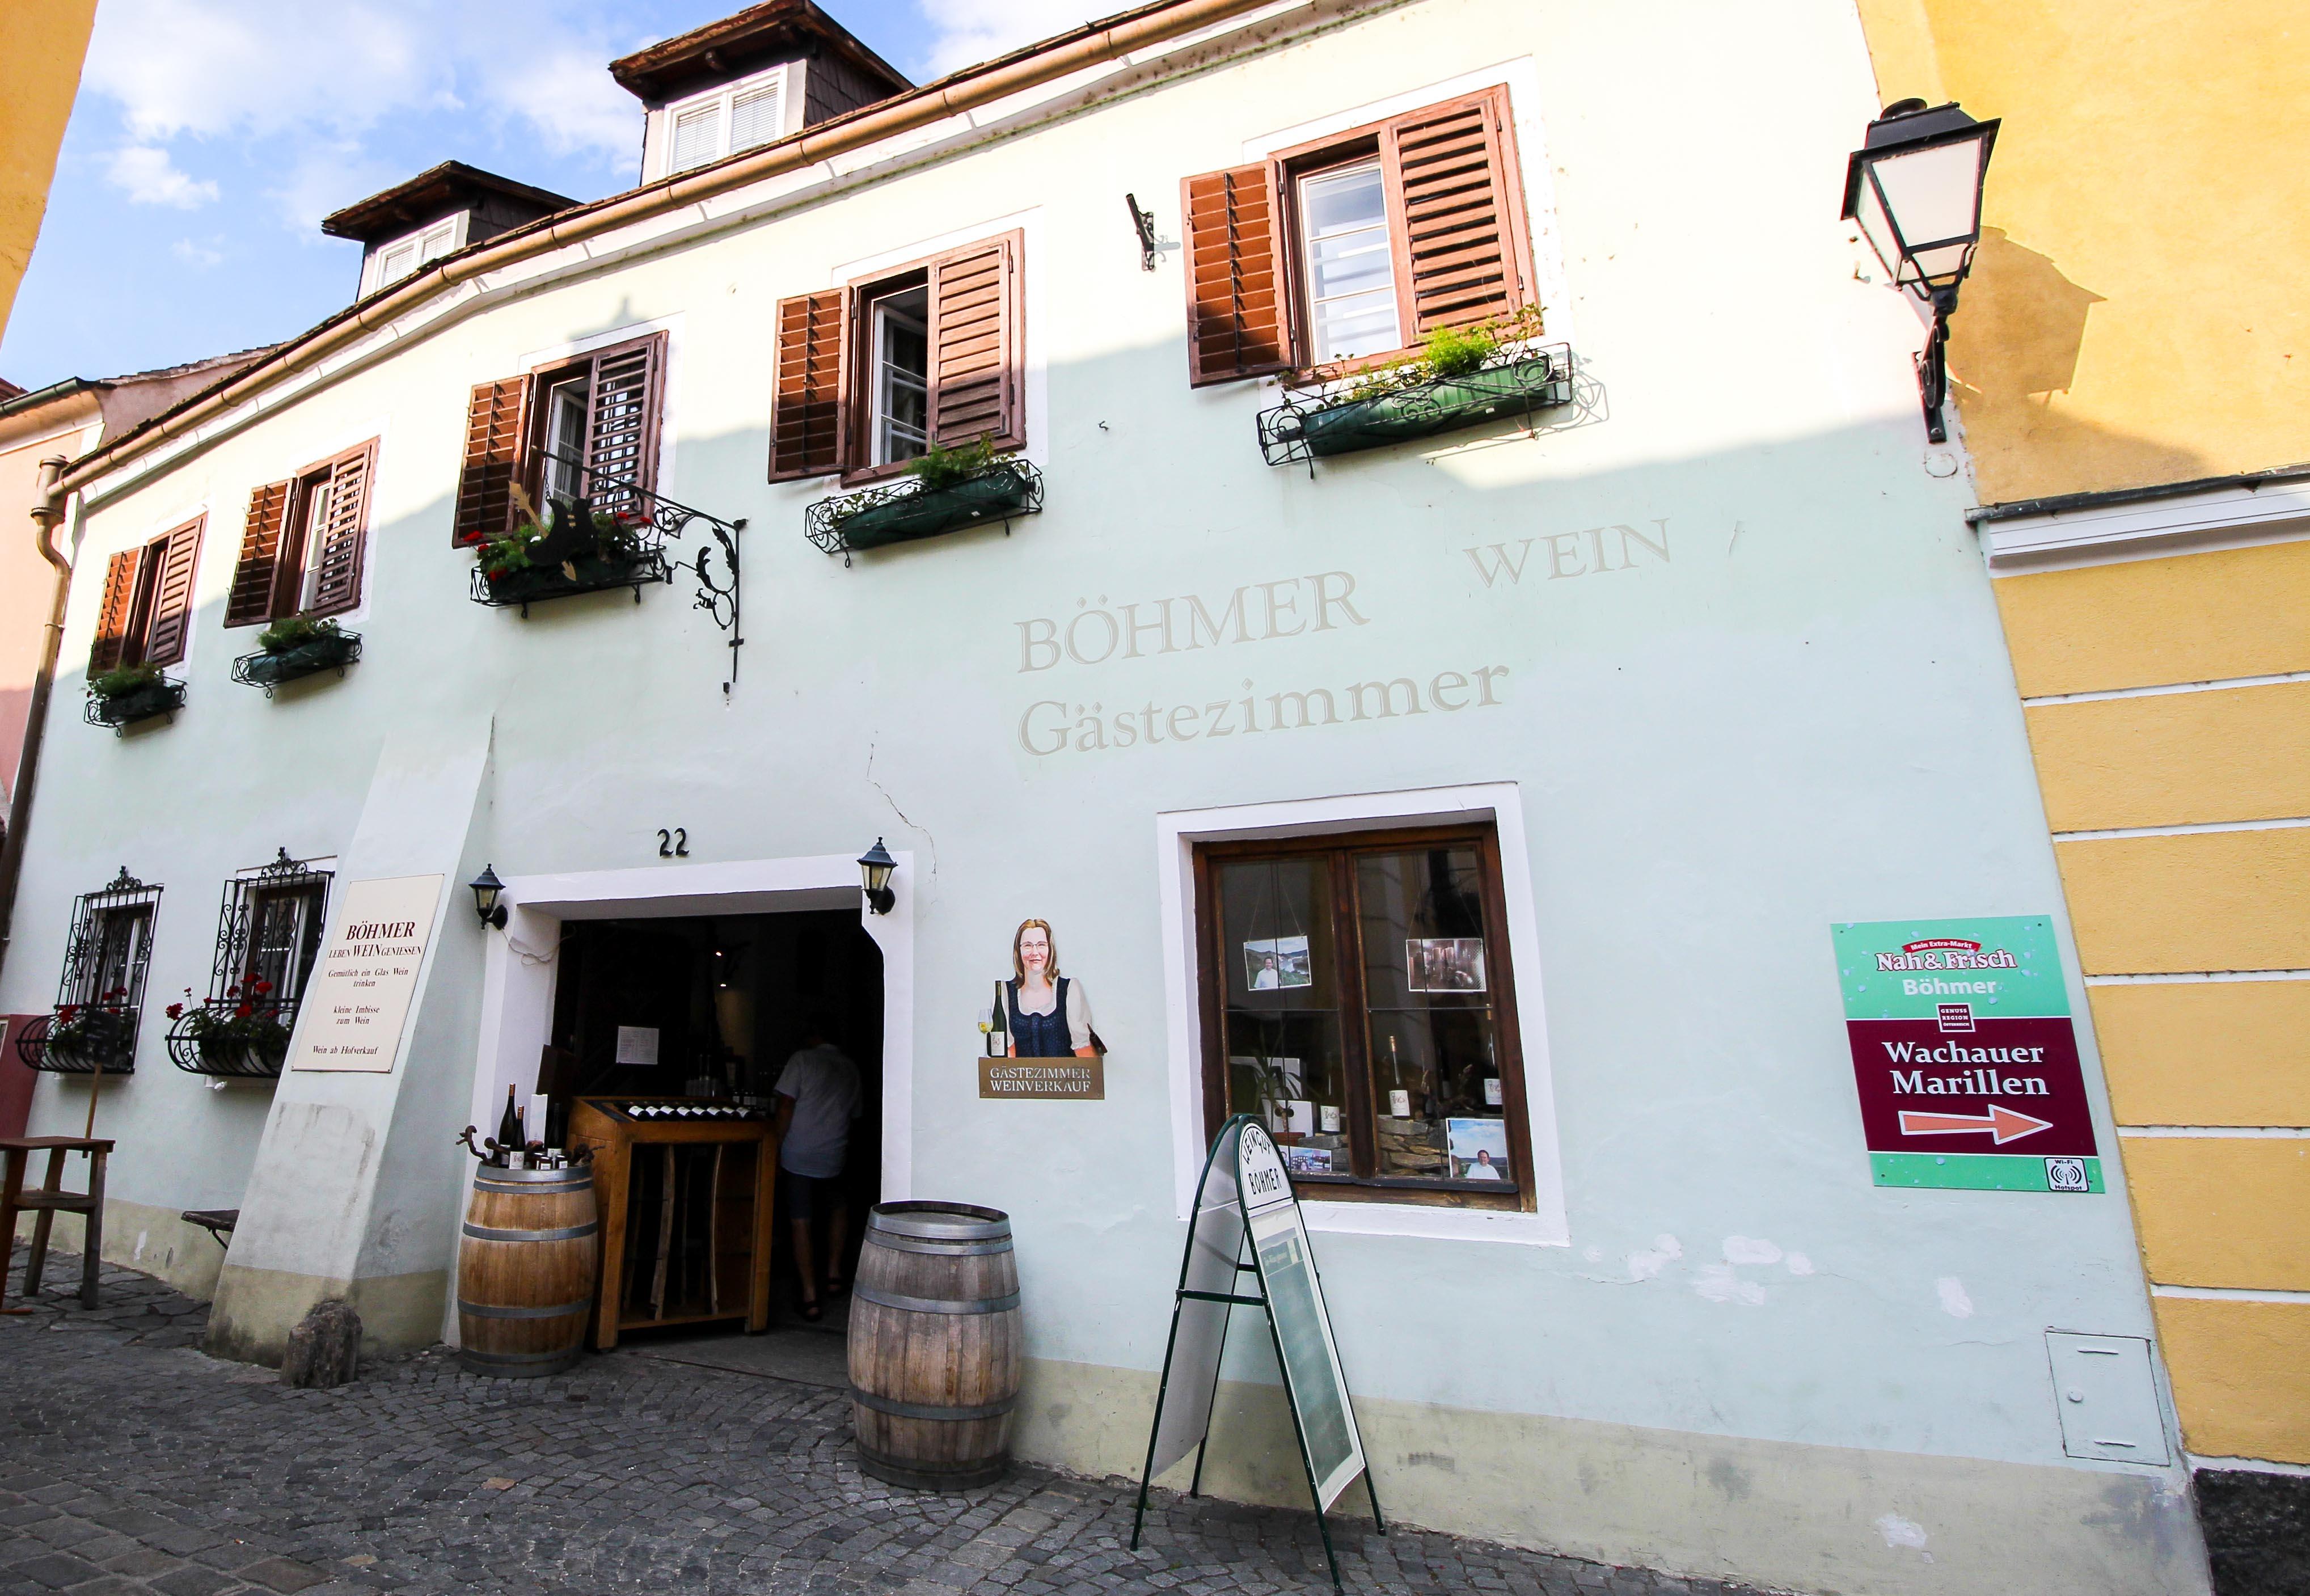 Wachau Österreich Dürnstein Weinregion Insider Tipps Sehenswürdigkeiten Böhmer Wein Weinprobe Donaukreuzfahrt Arosa